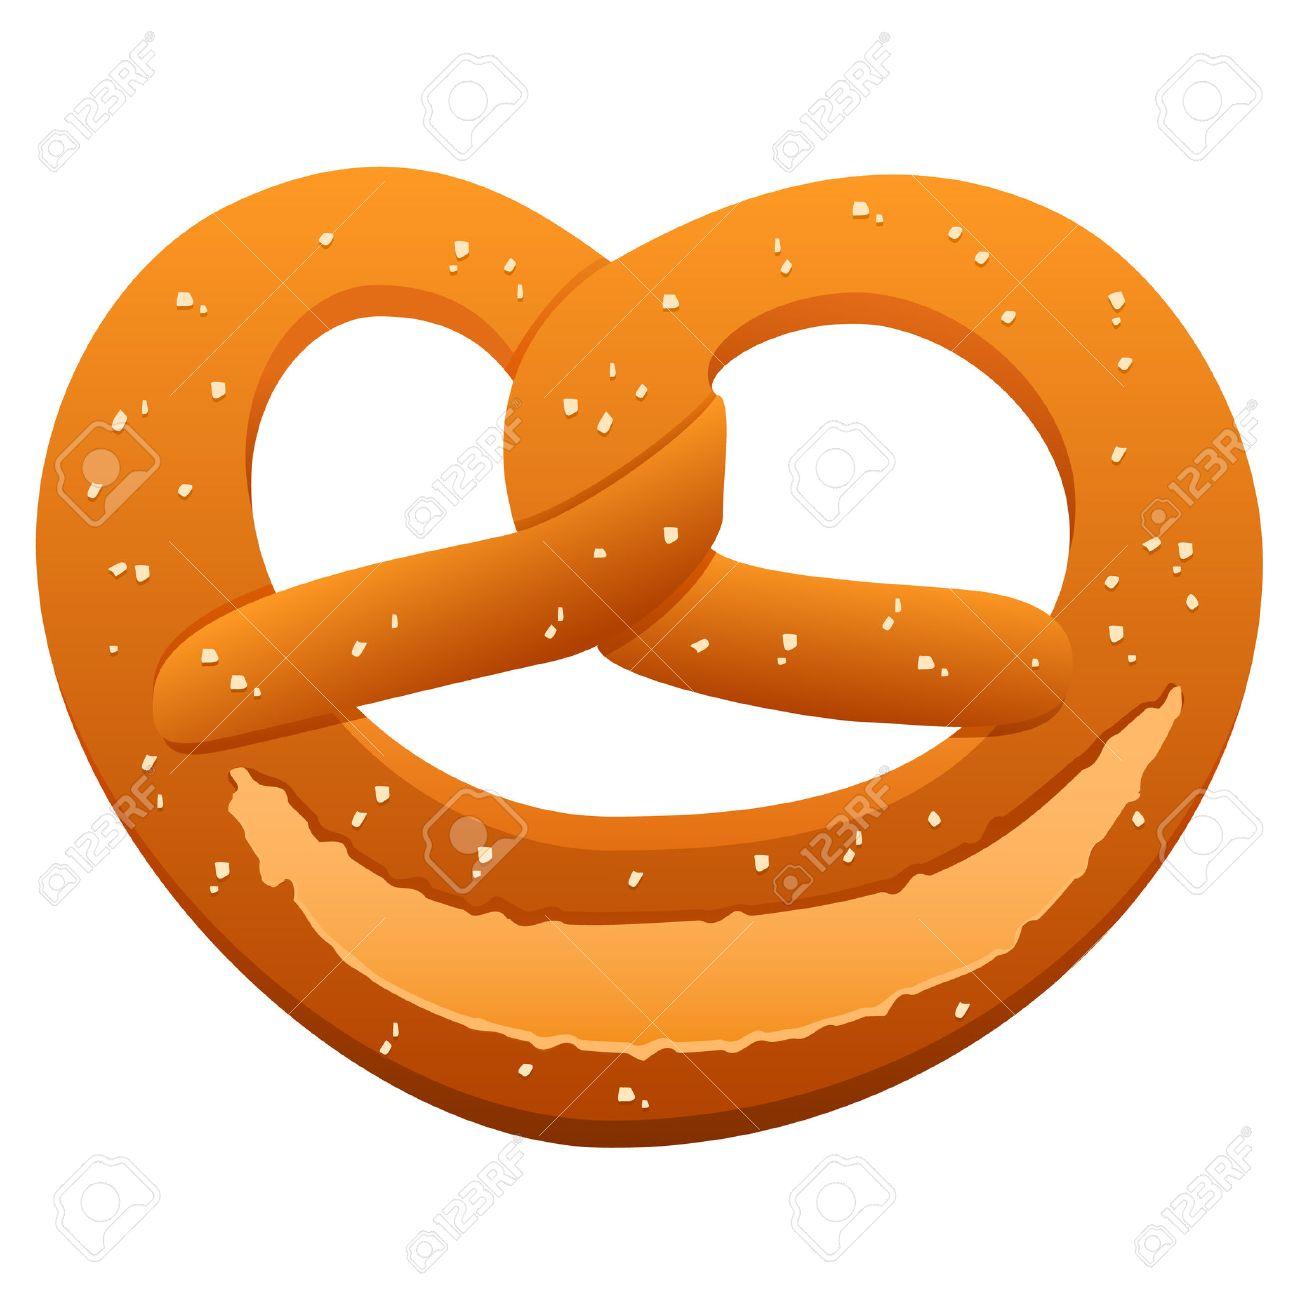 pretzel royalty free cliparts vectors and stock illustration rh 123rf com pretzel clip art free hot pretzel clip art